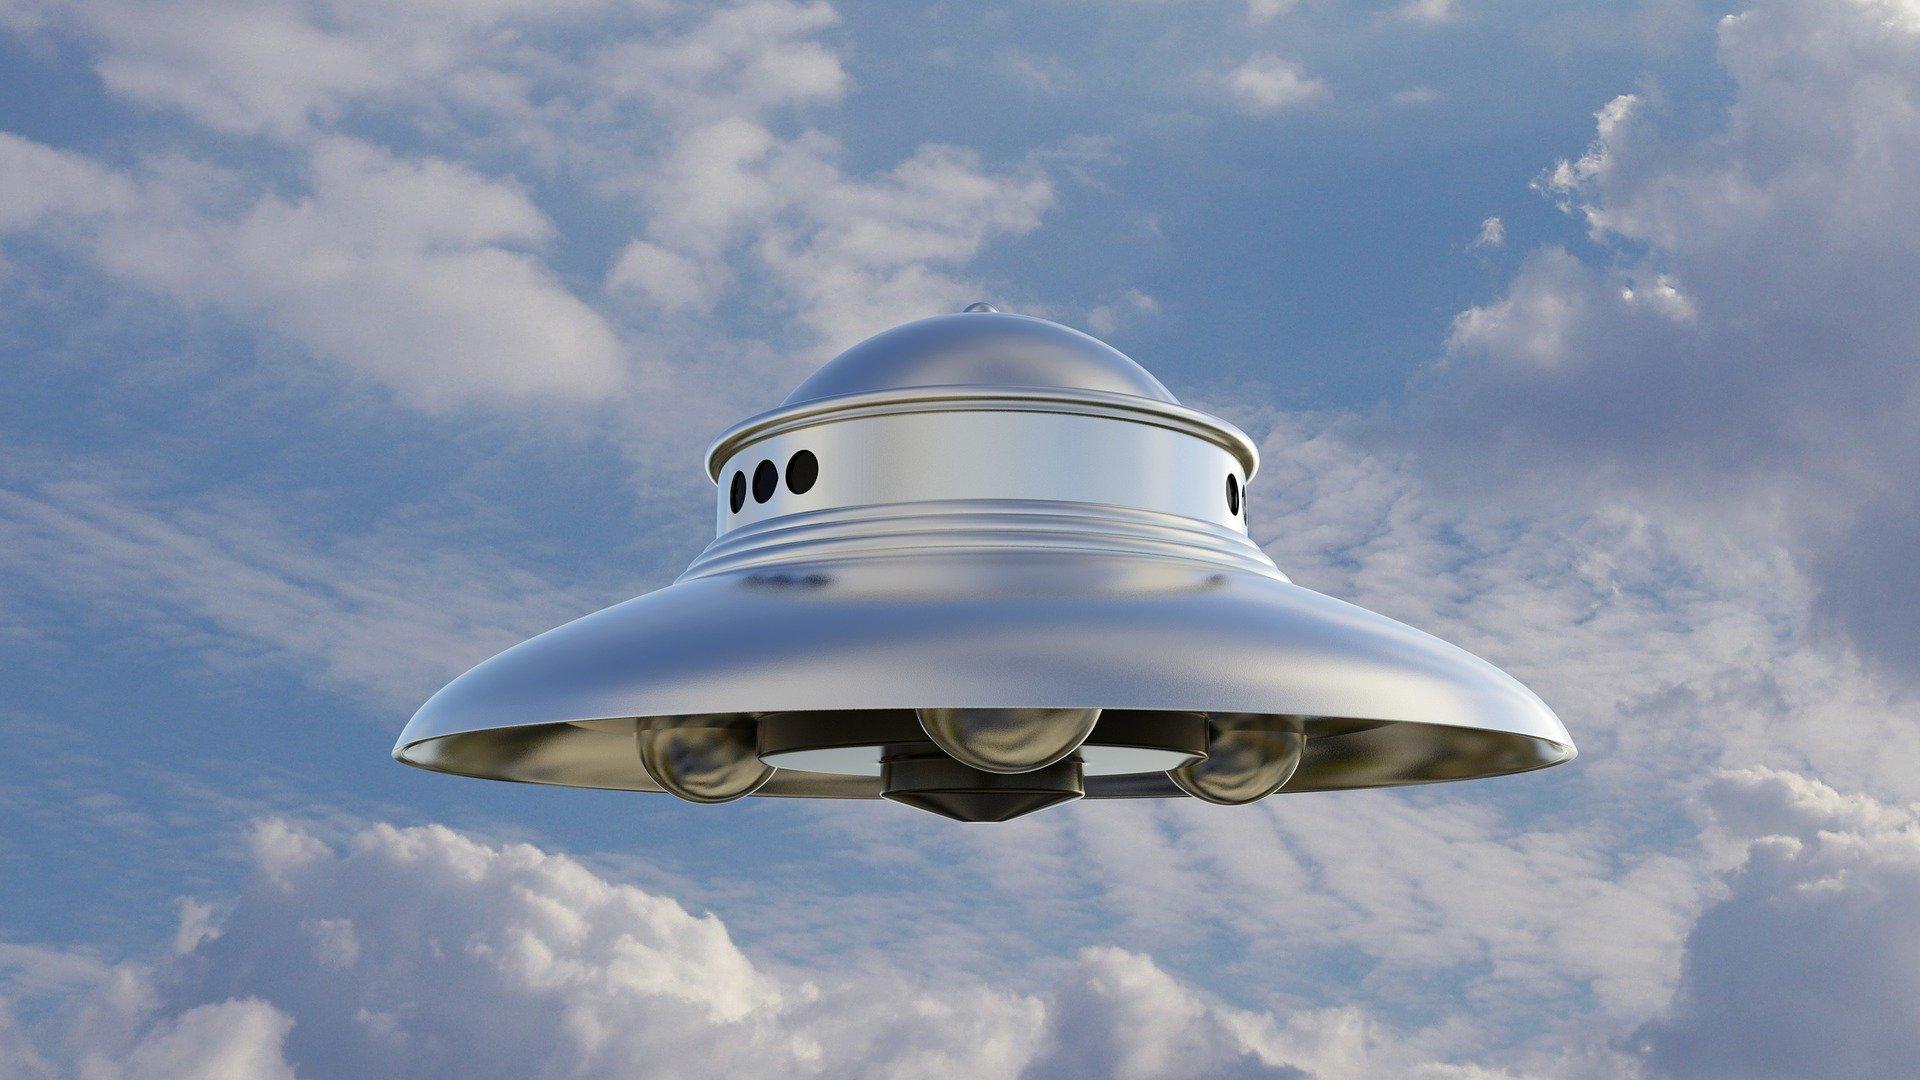 美國國家UFO報告中心的資料顯示,今年的UFO目擊事件比去年增加了一半左右。圖為UFO示意圖。(Pixabay)